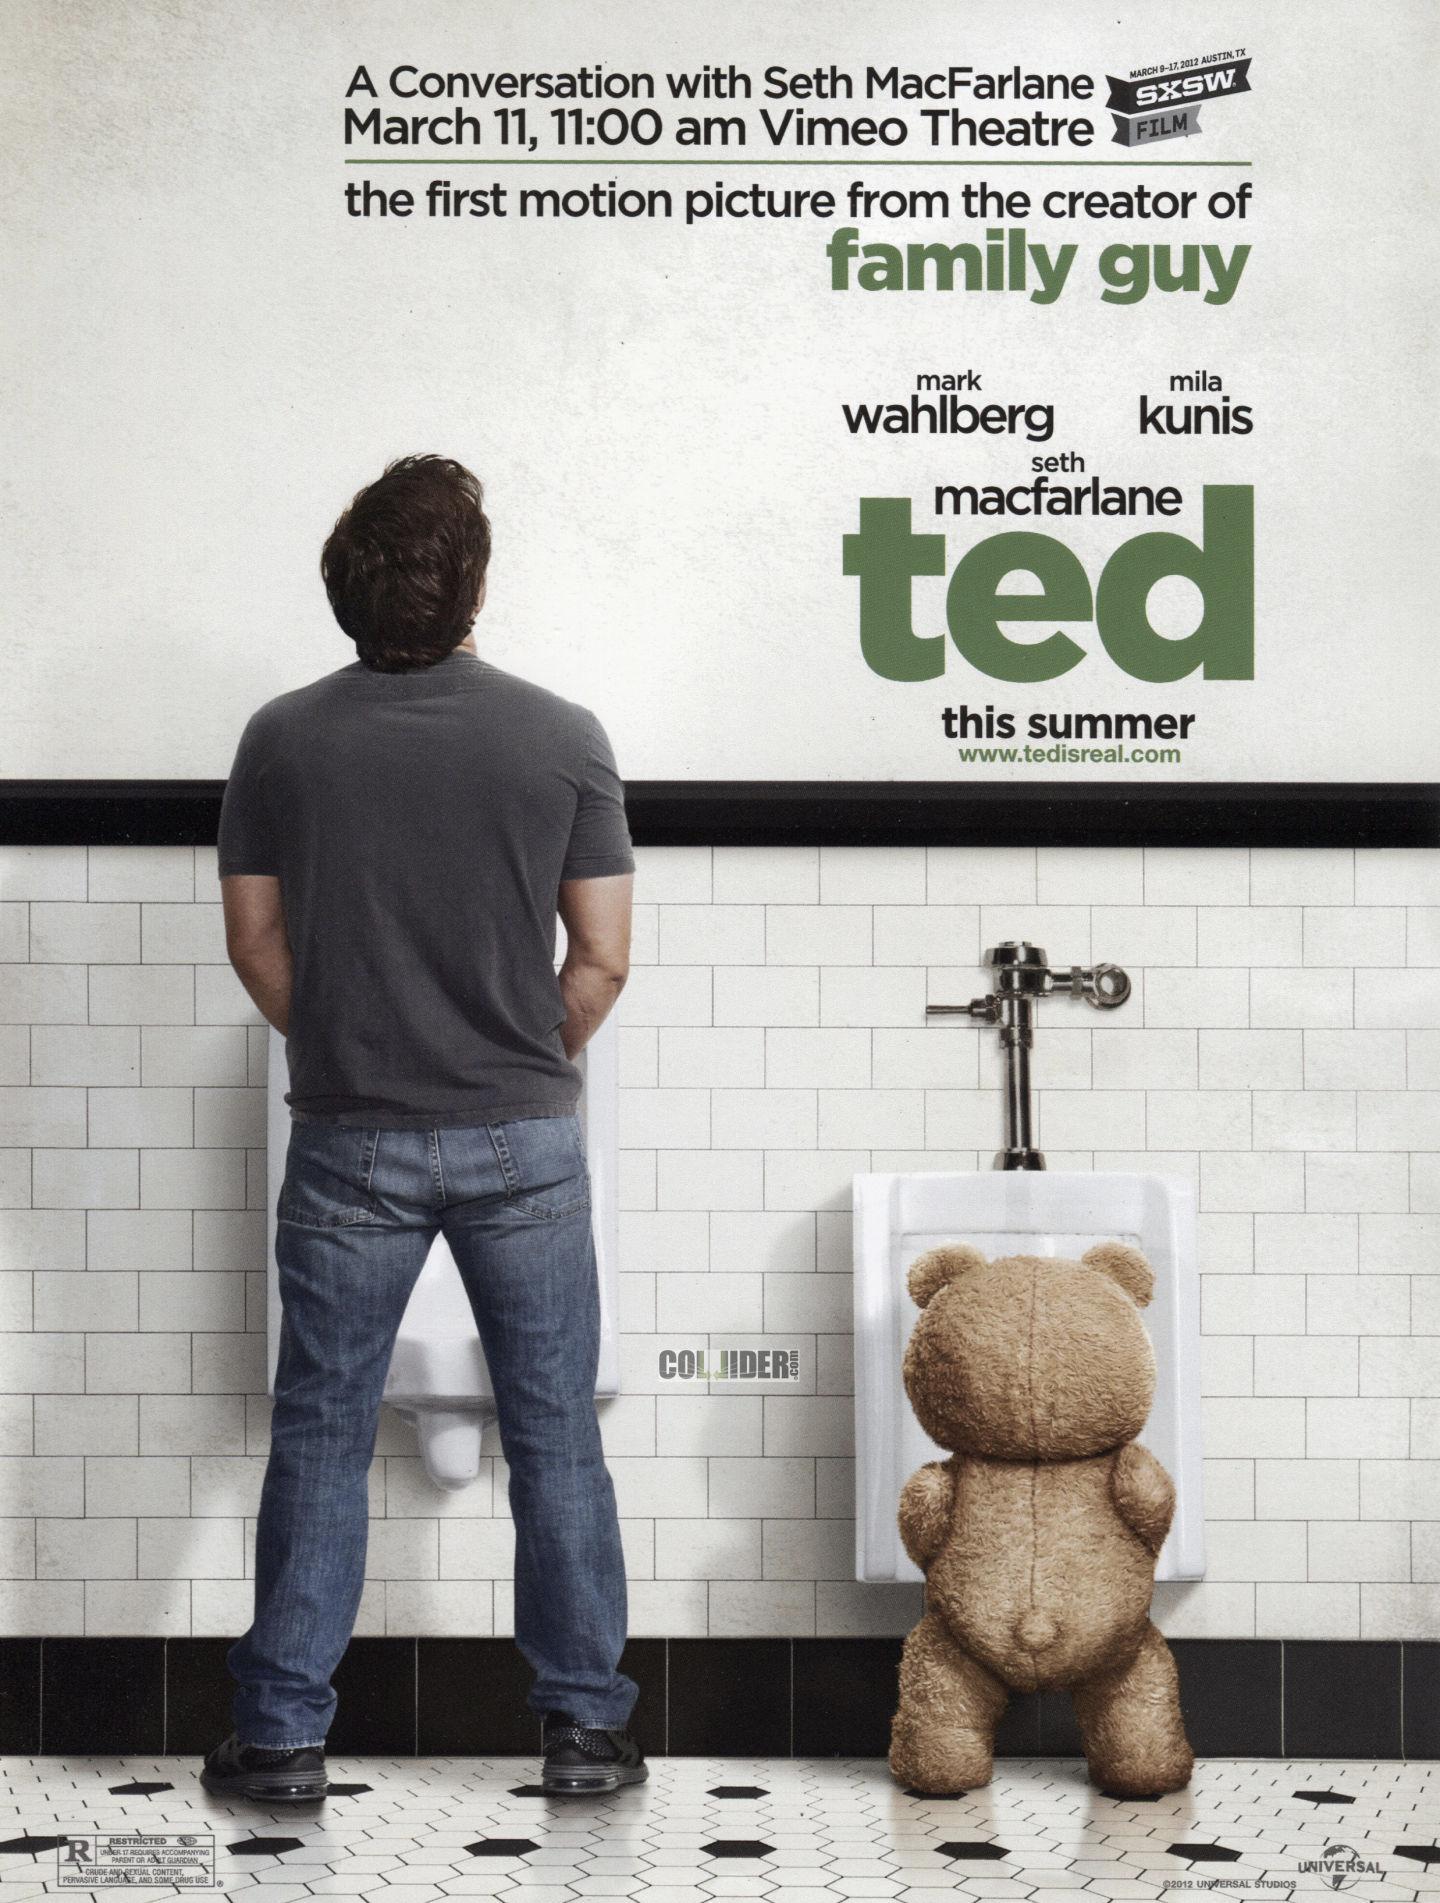 电影海报设计案例欣赏  有哪些令人过目难忘的设计